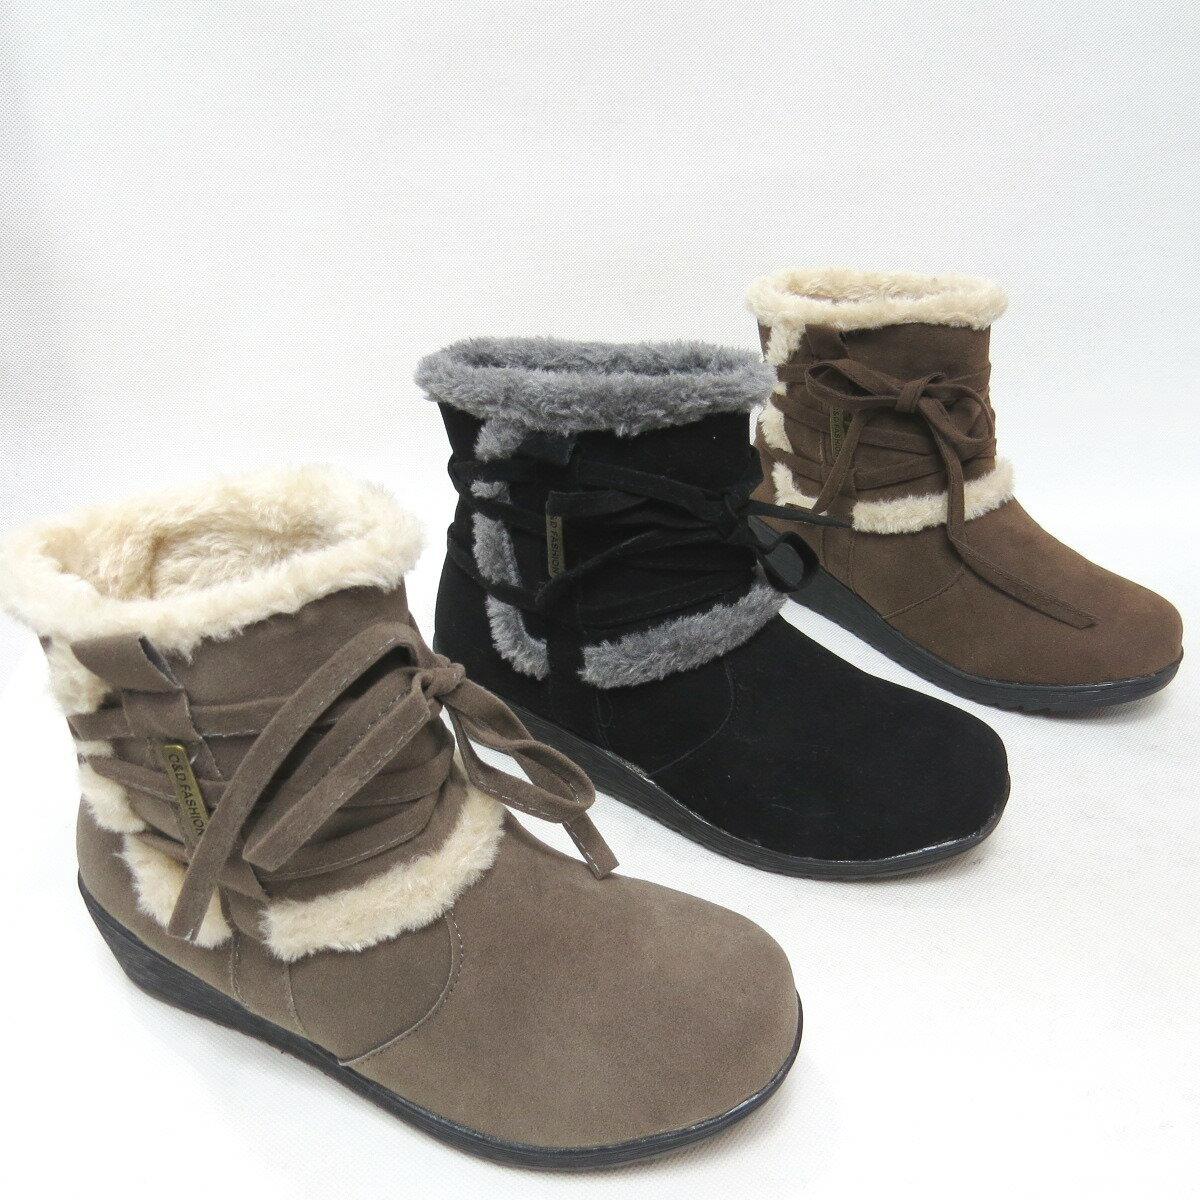 *免運*短靴 韓風內裡舖毛楔型跟保暖踝靴11-8055(灰/黑/咖)*[彩虹屋]* 現+預